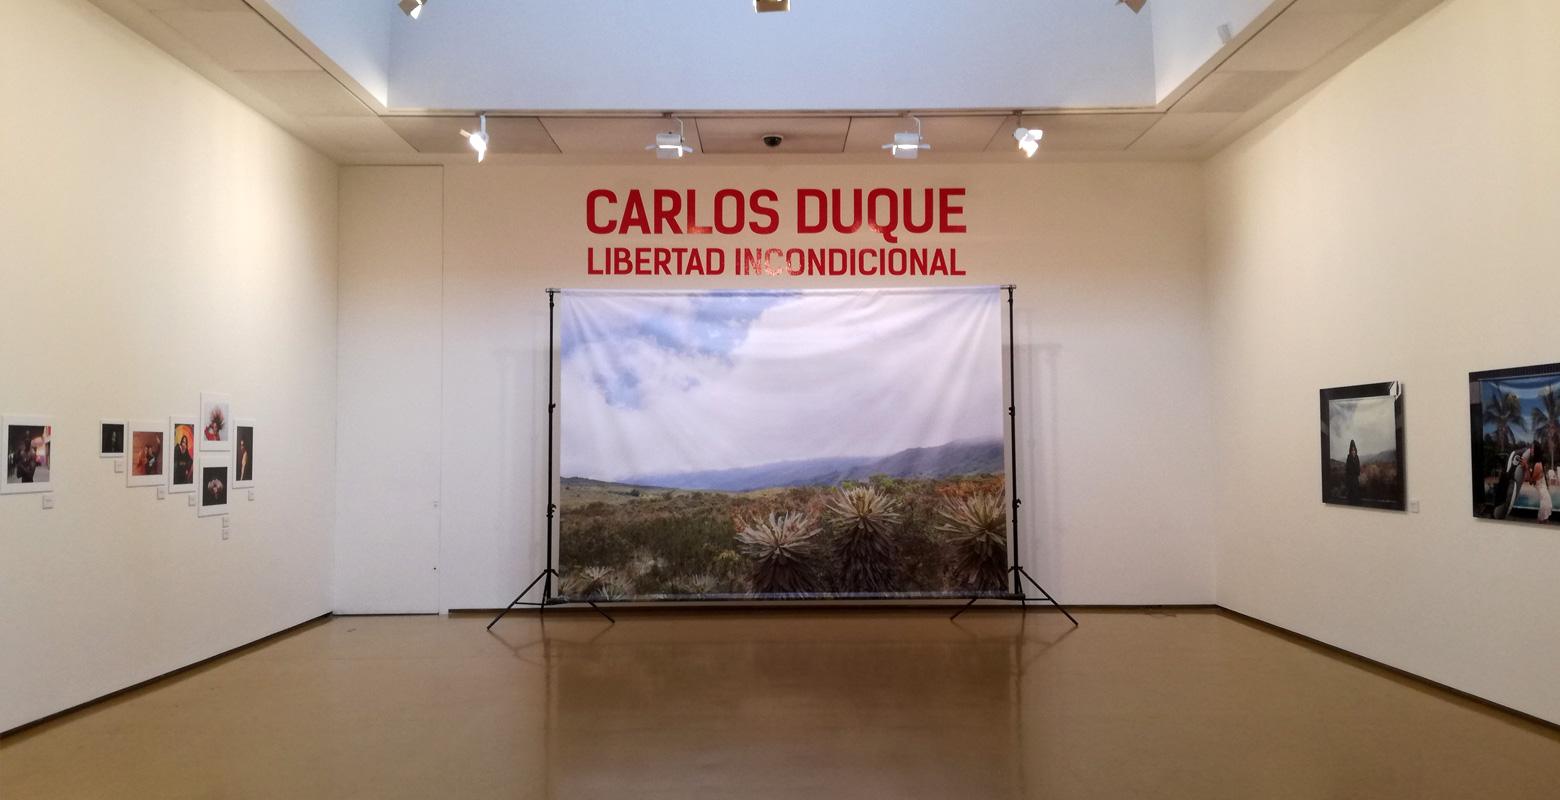 Exposición fotográfica Libertad incondicional